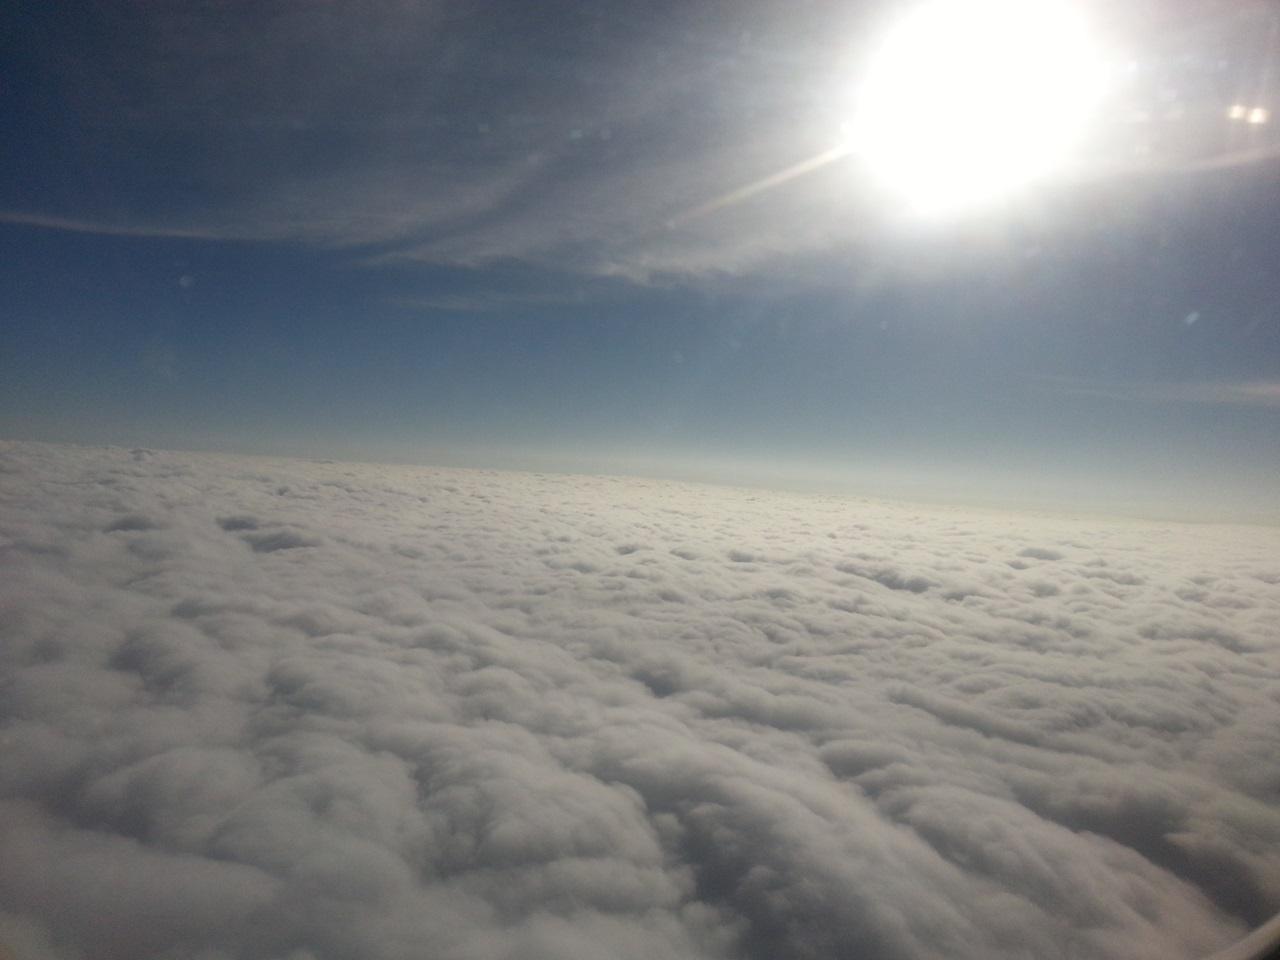 제주하늘 저 구름 아래 제주가 기다리고 있다.